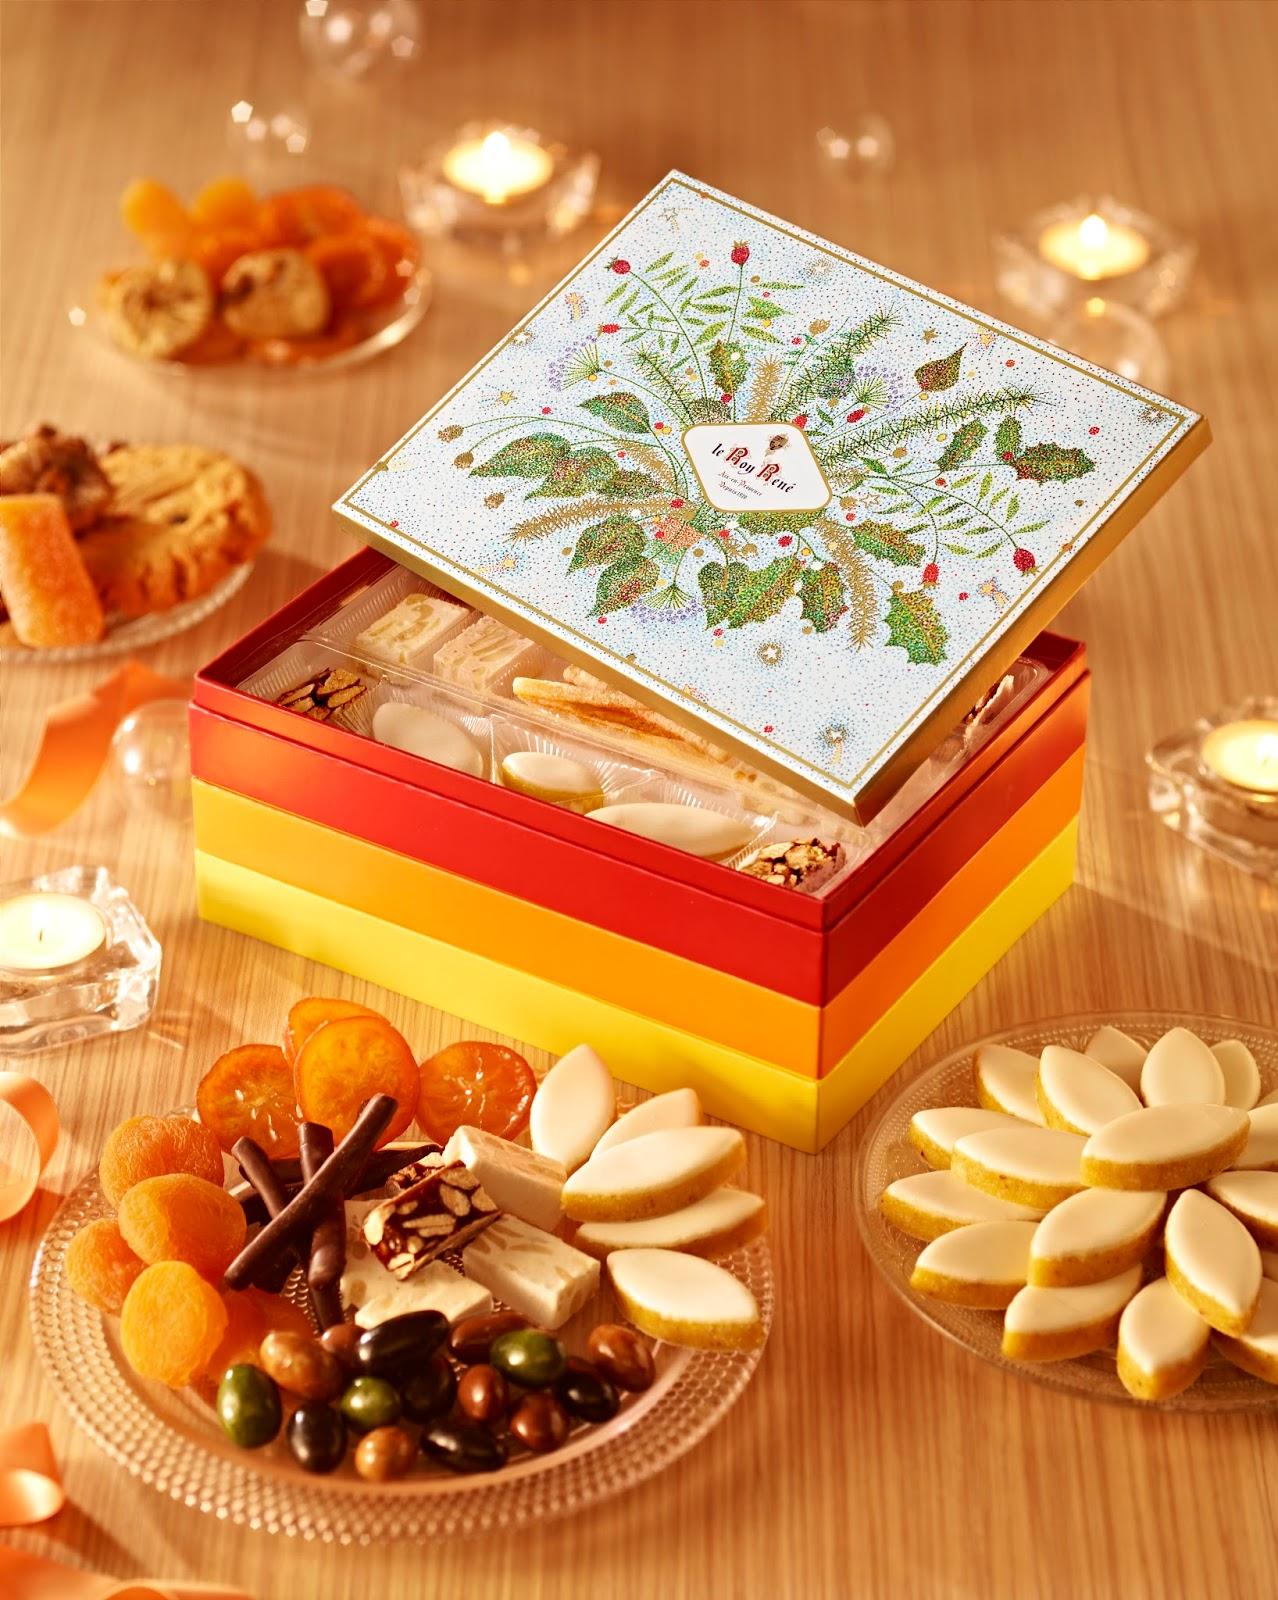 L 39 instant resto les 13 desserts du roy ren - 13 desserts de noel recettes ...